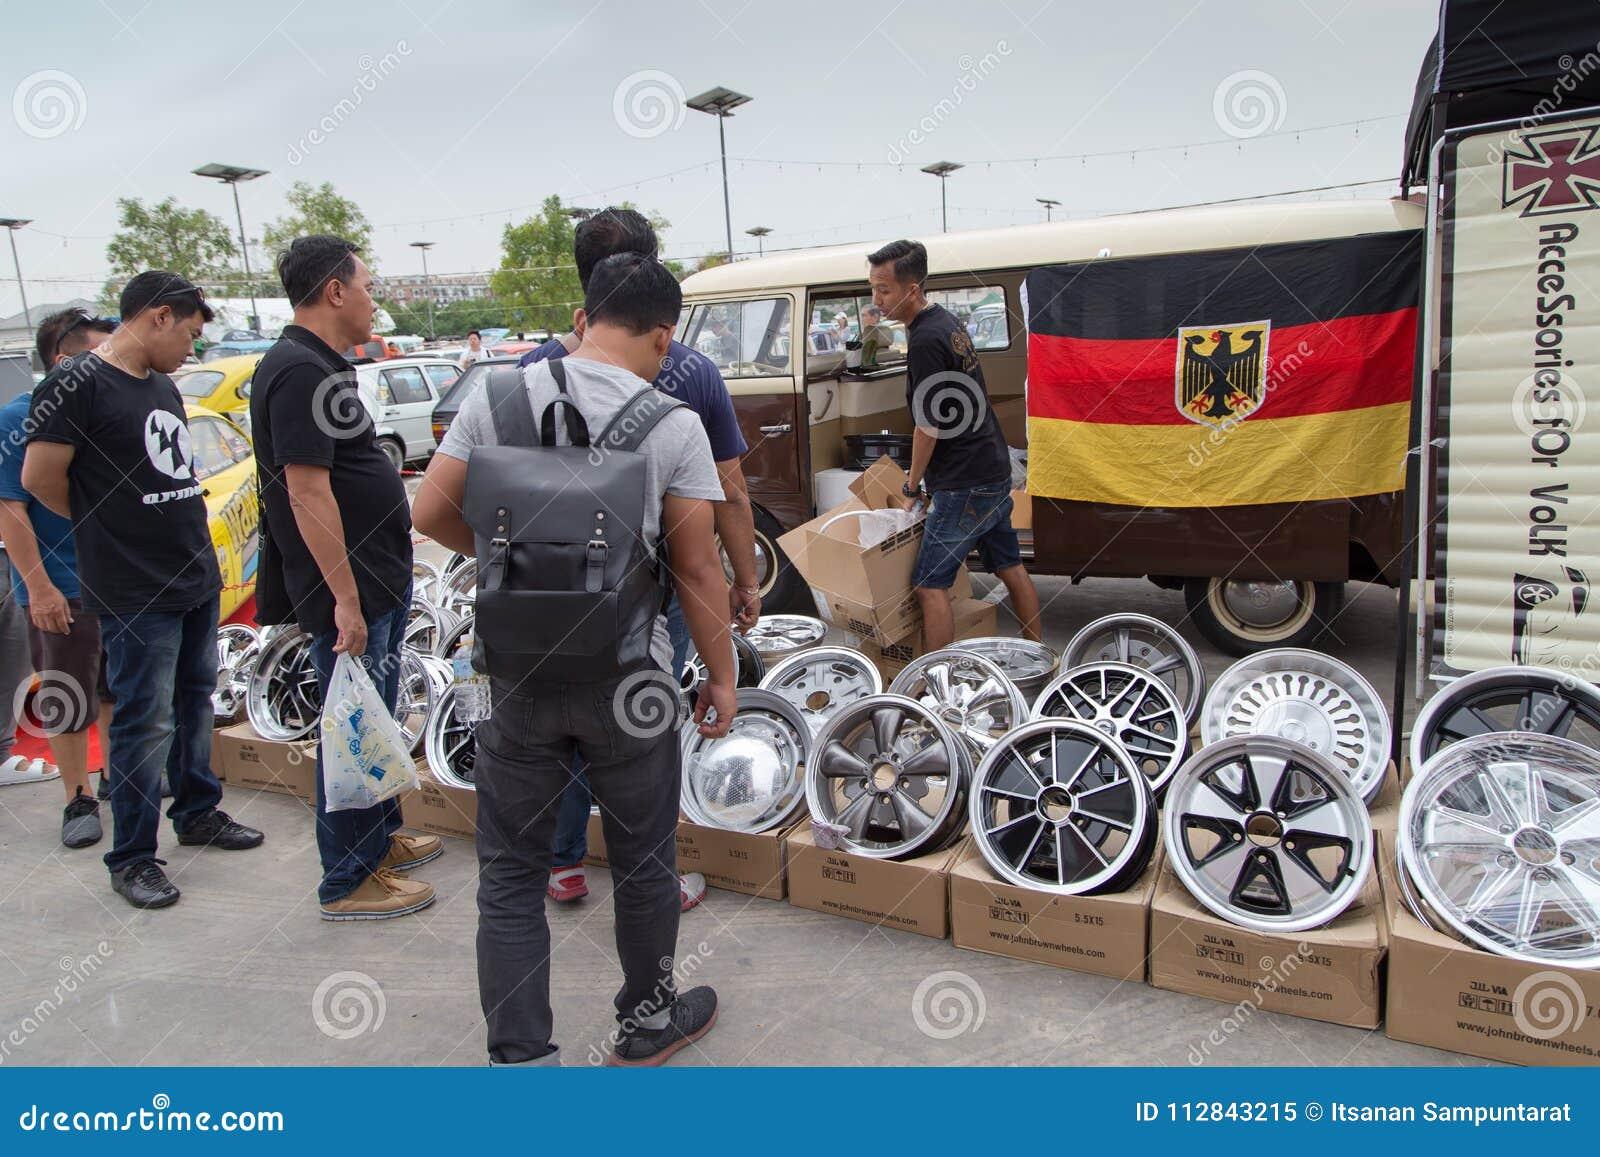 Volkswagen Van Owner Sell VW Wheels Editorial Image - Image